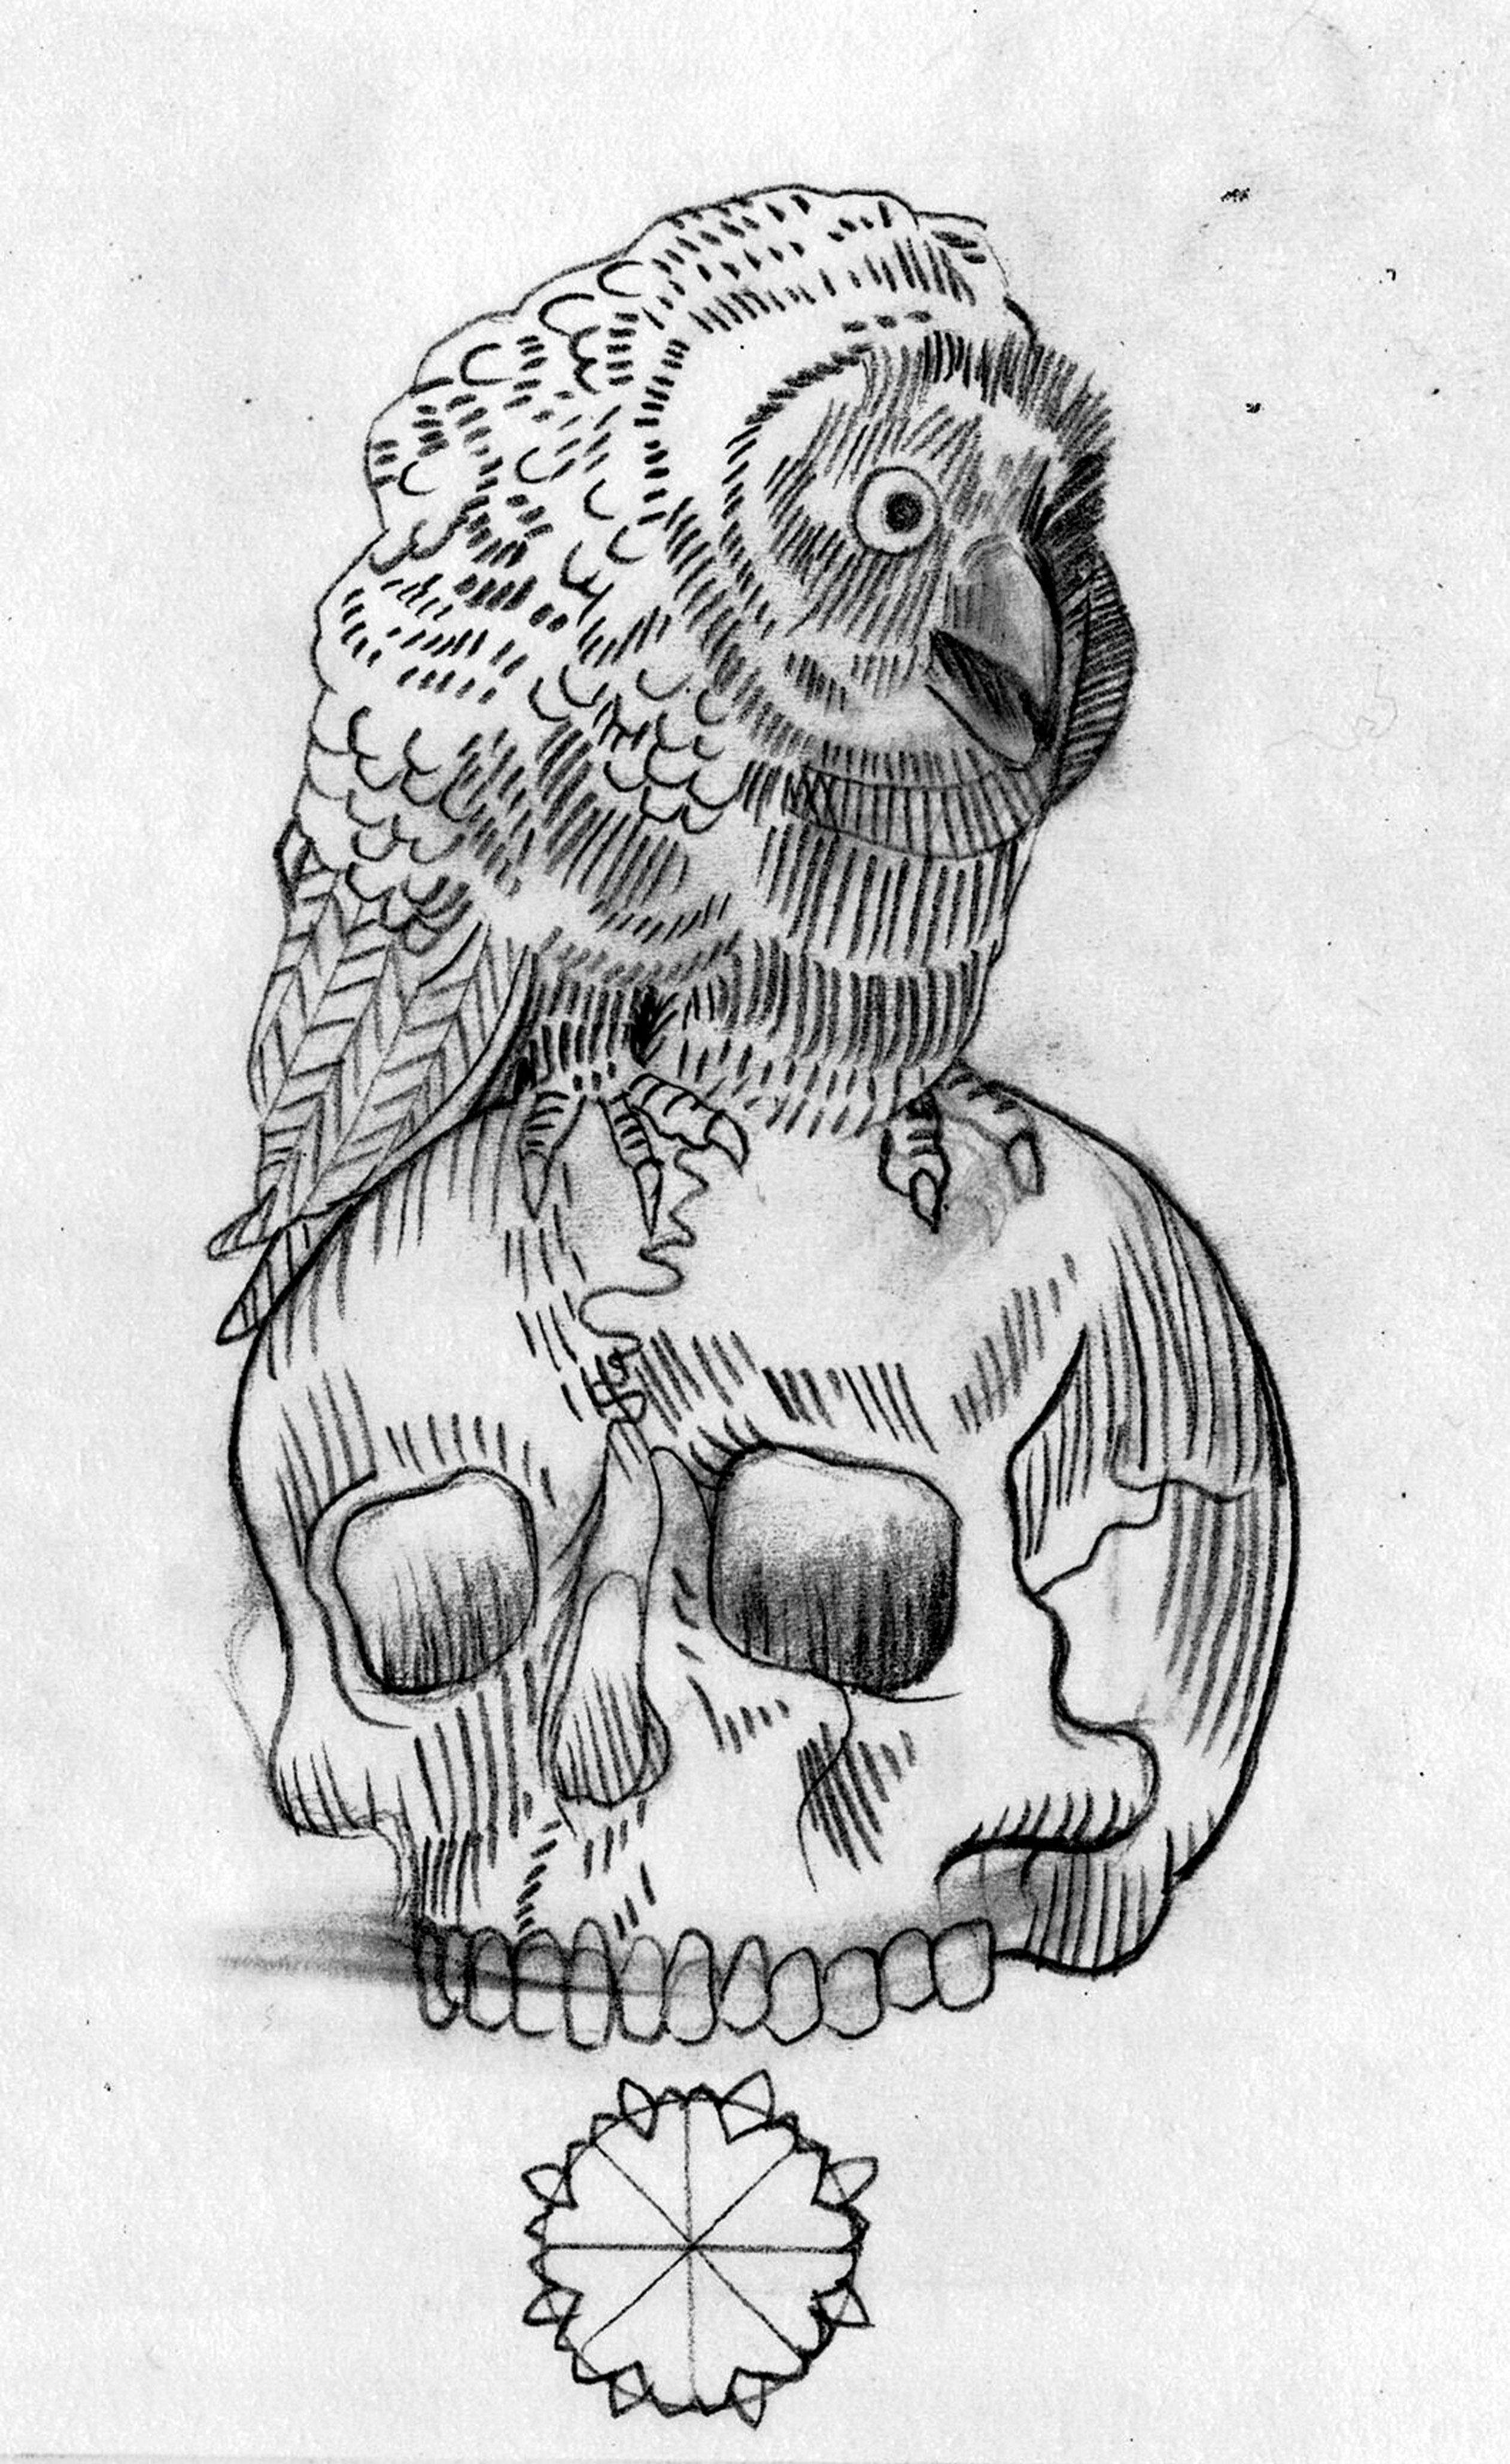 Owl Skeleton Drawing - photo#7